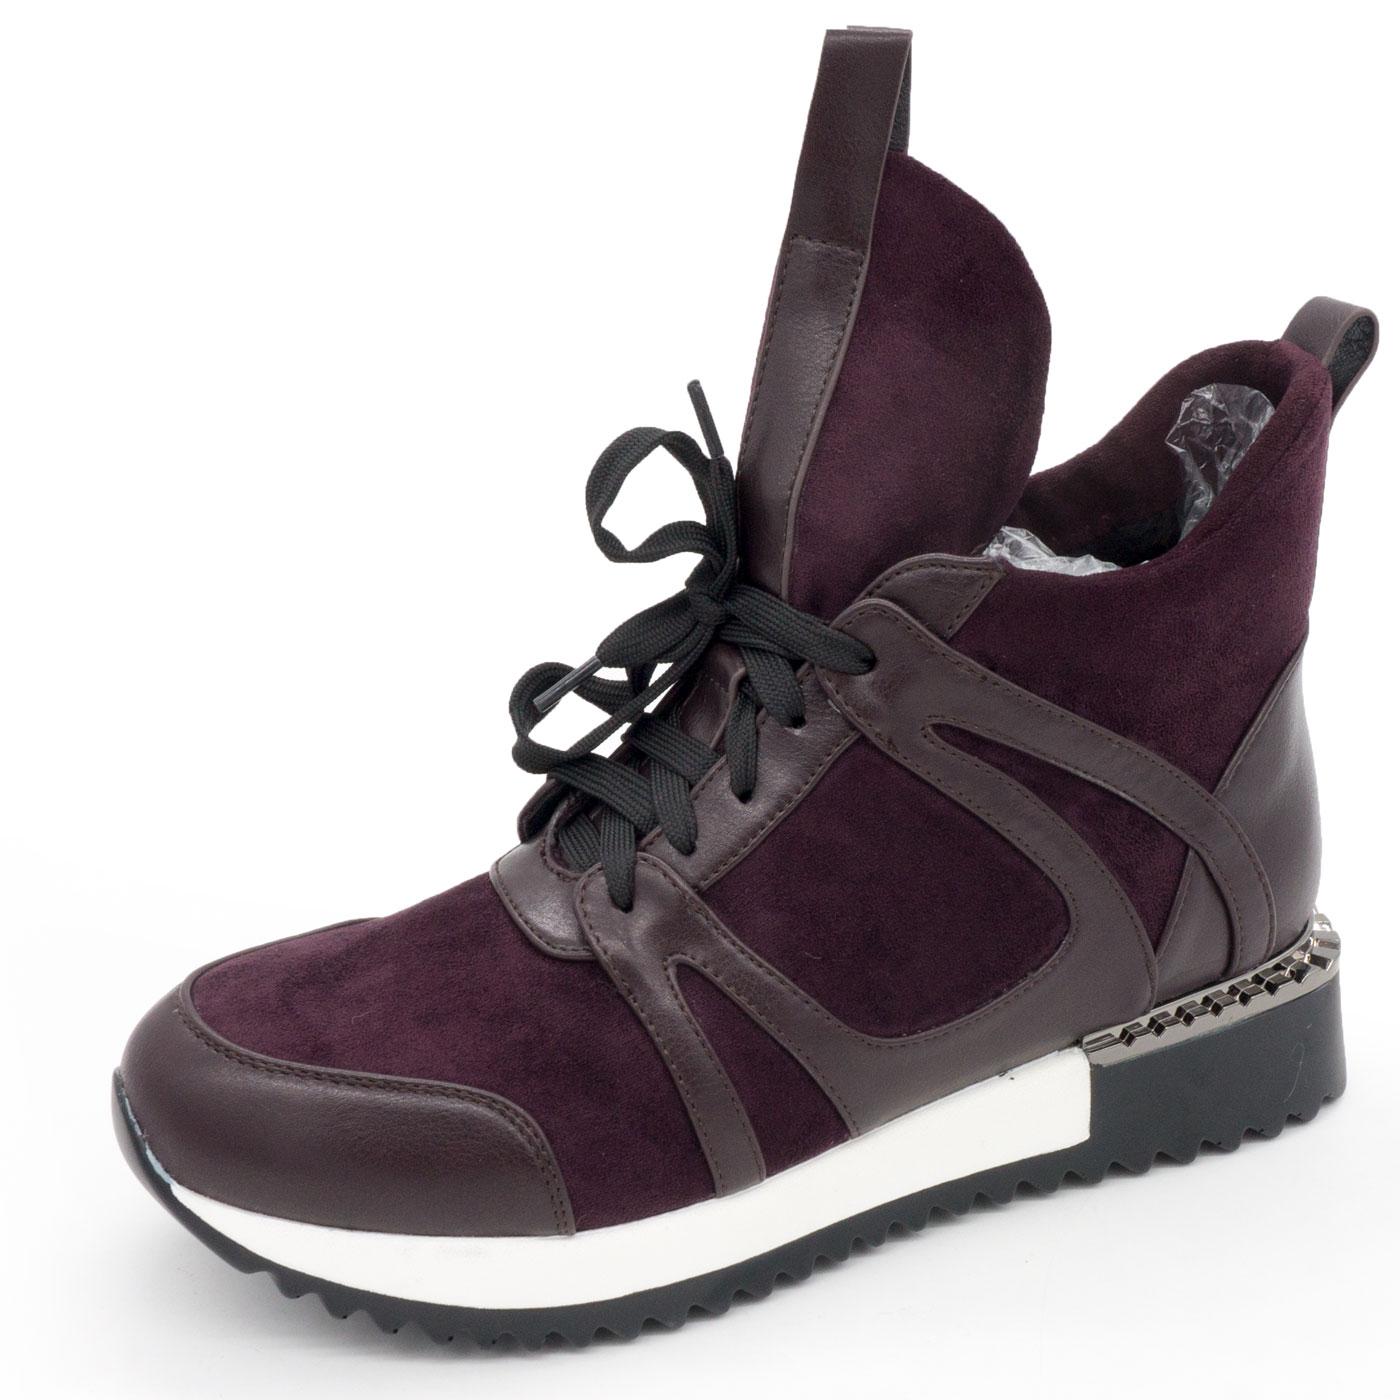 фото main Зимние высокие кроссовки LICCI B453-H2493-2 фиолетовый main